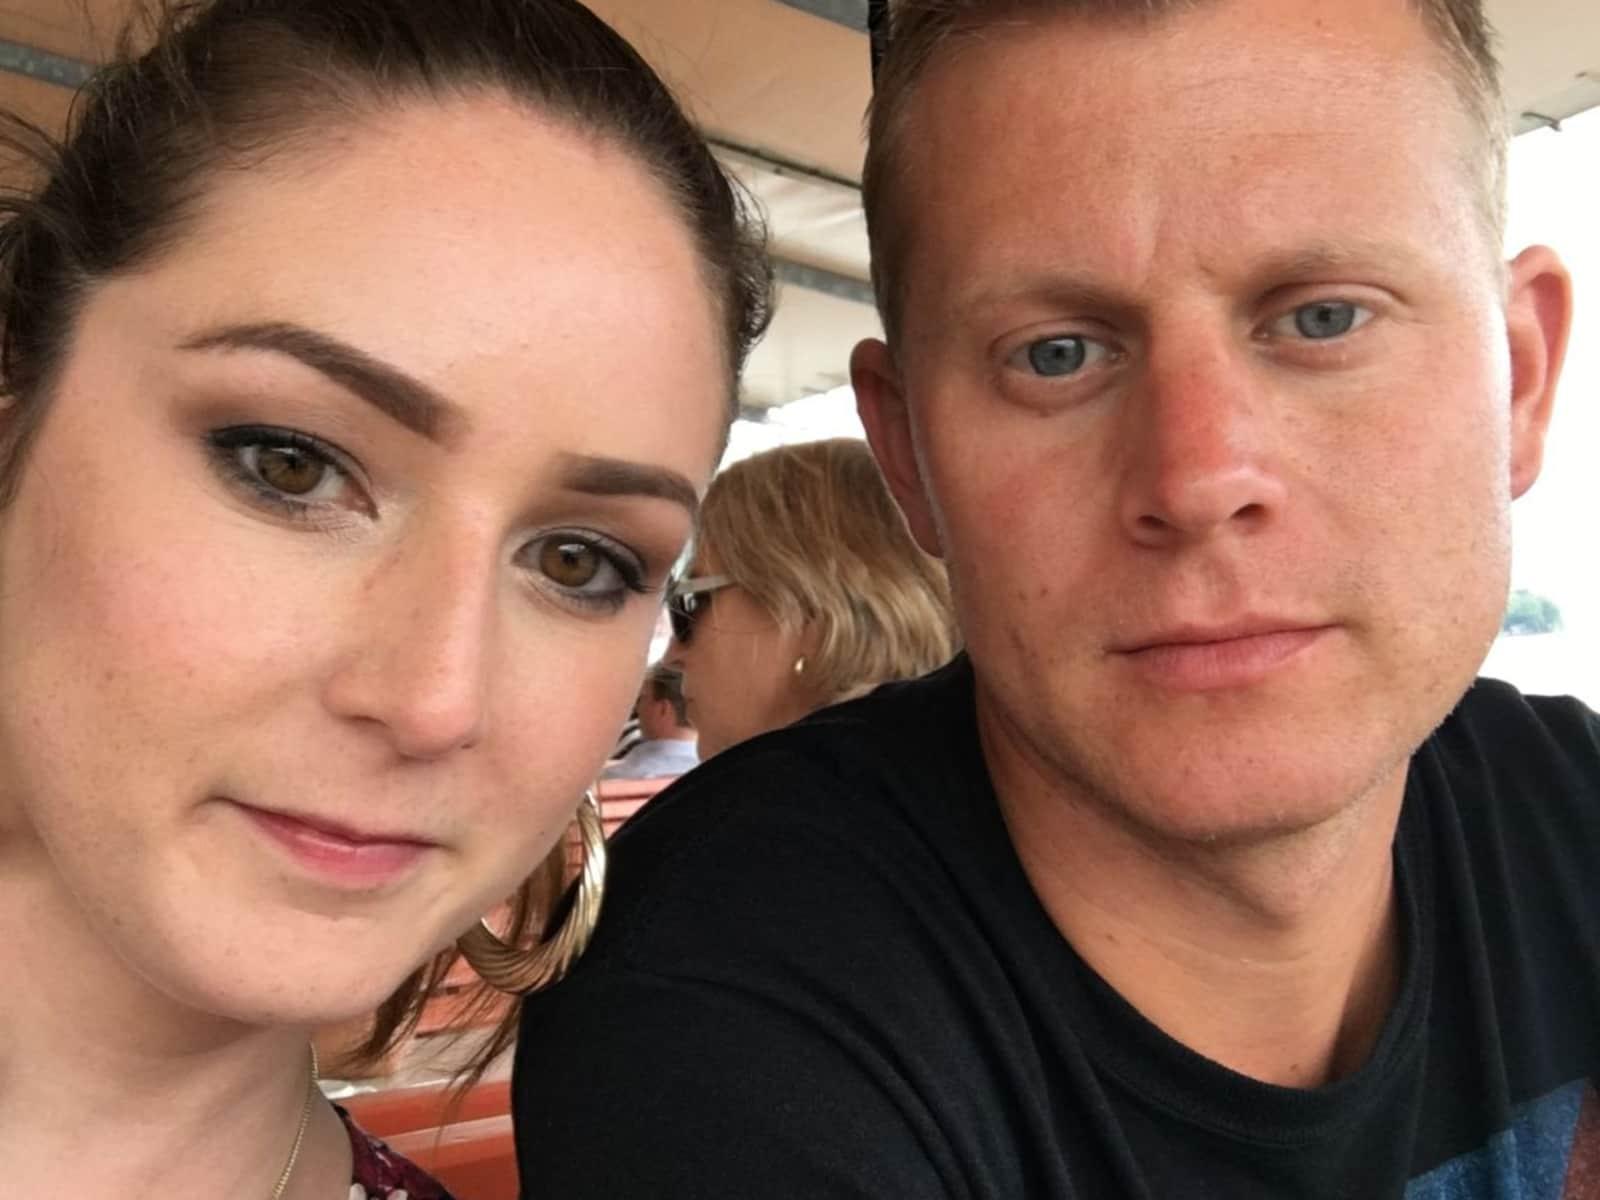 Gianna & Roger from Zürich, Switzerland